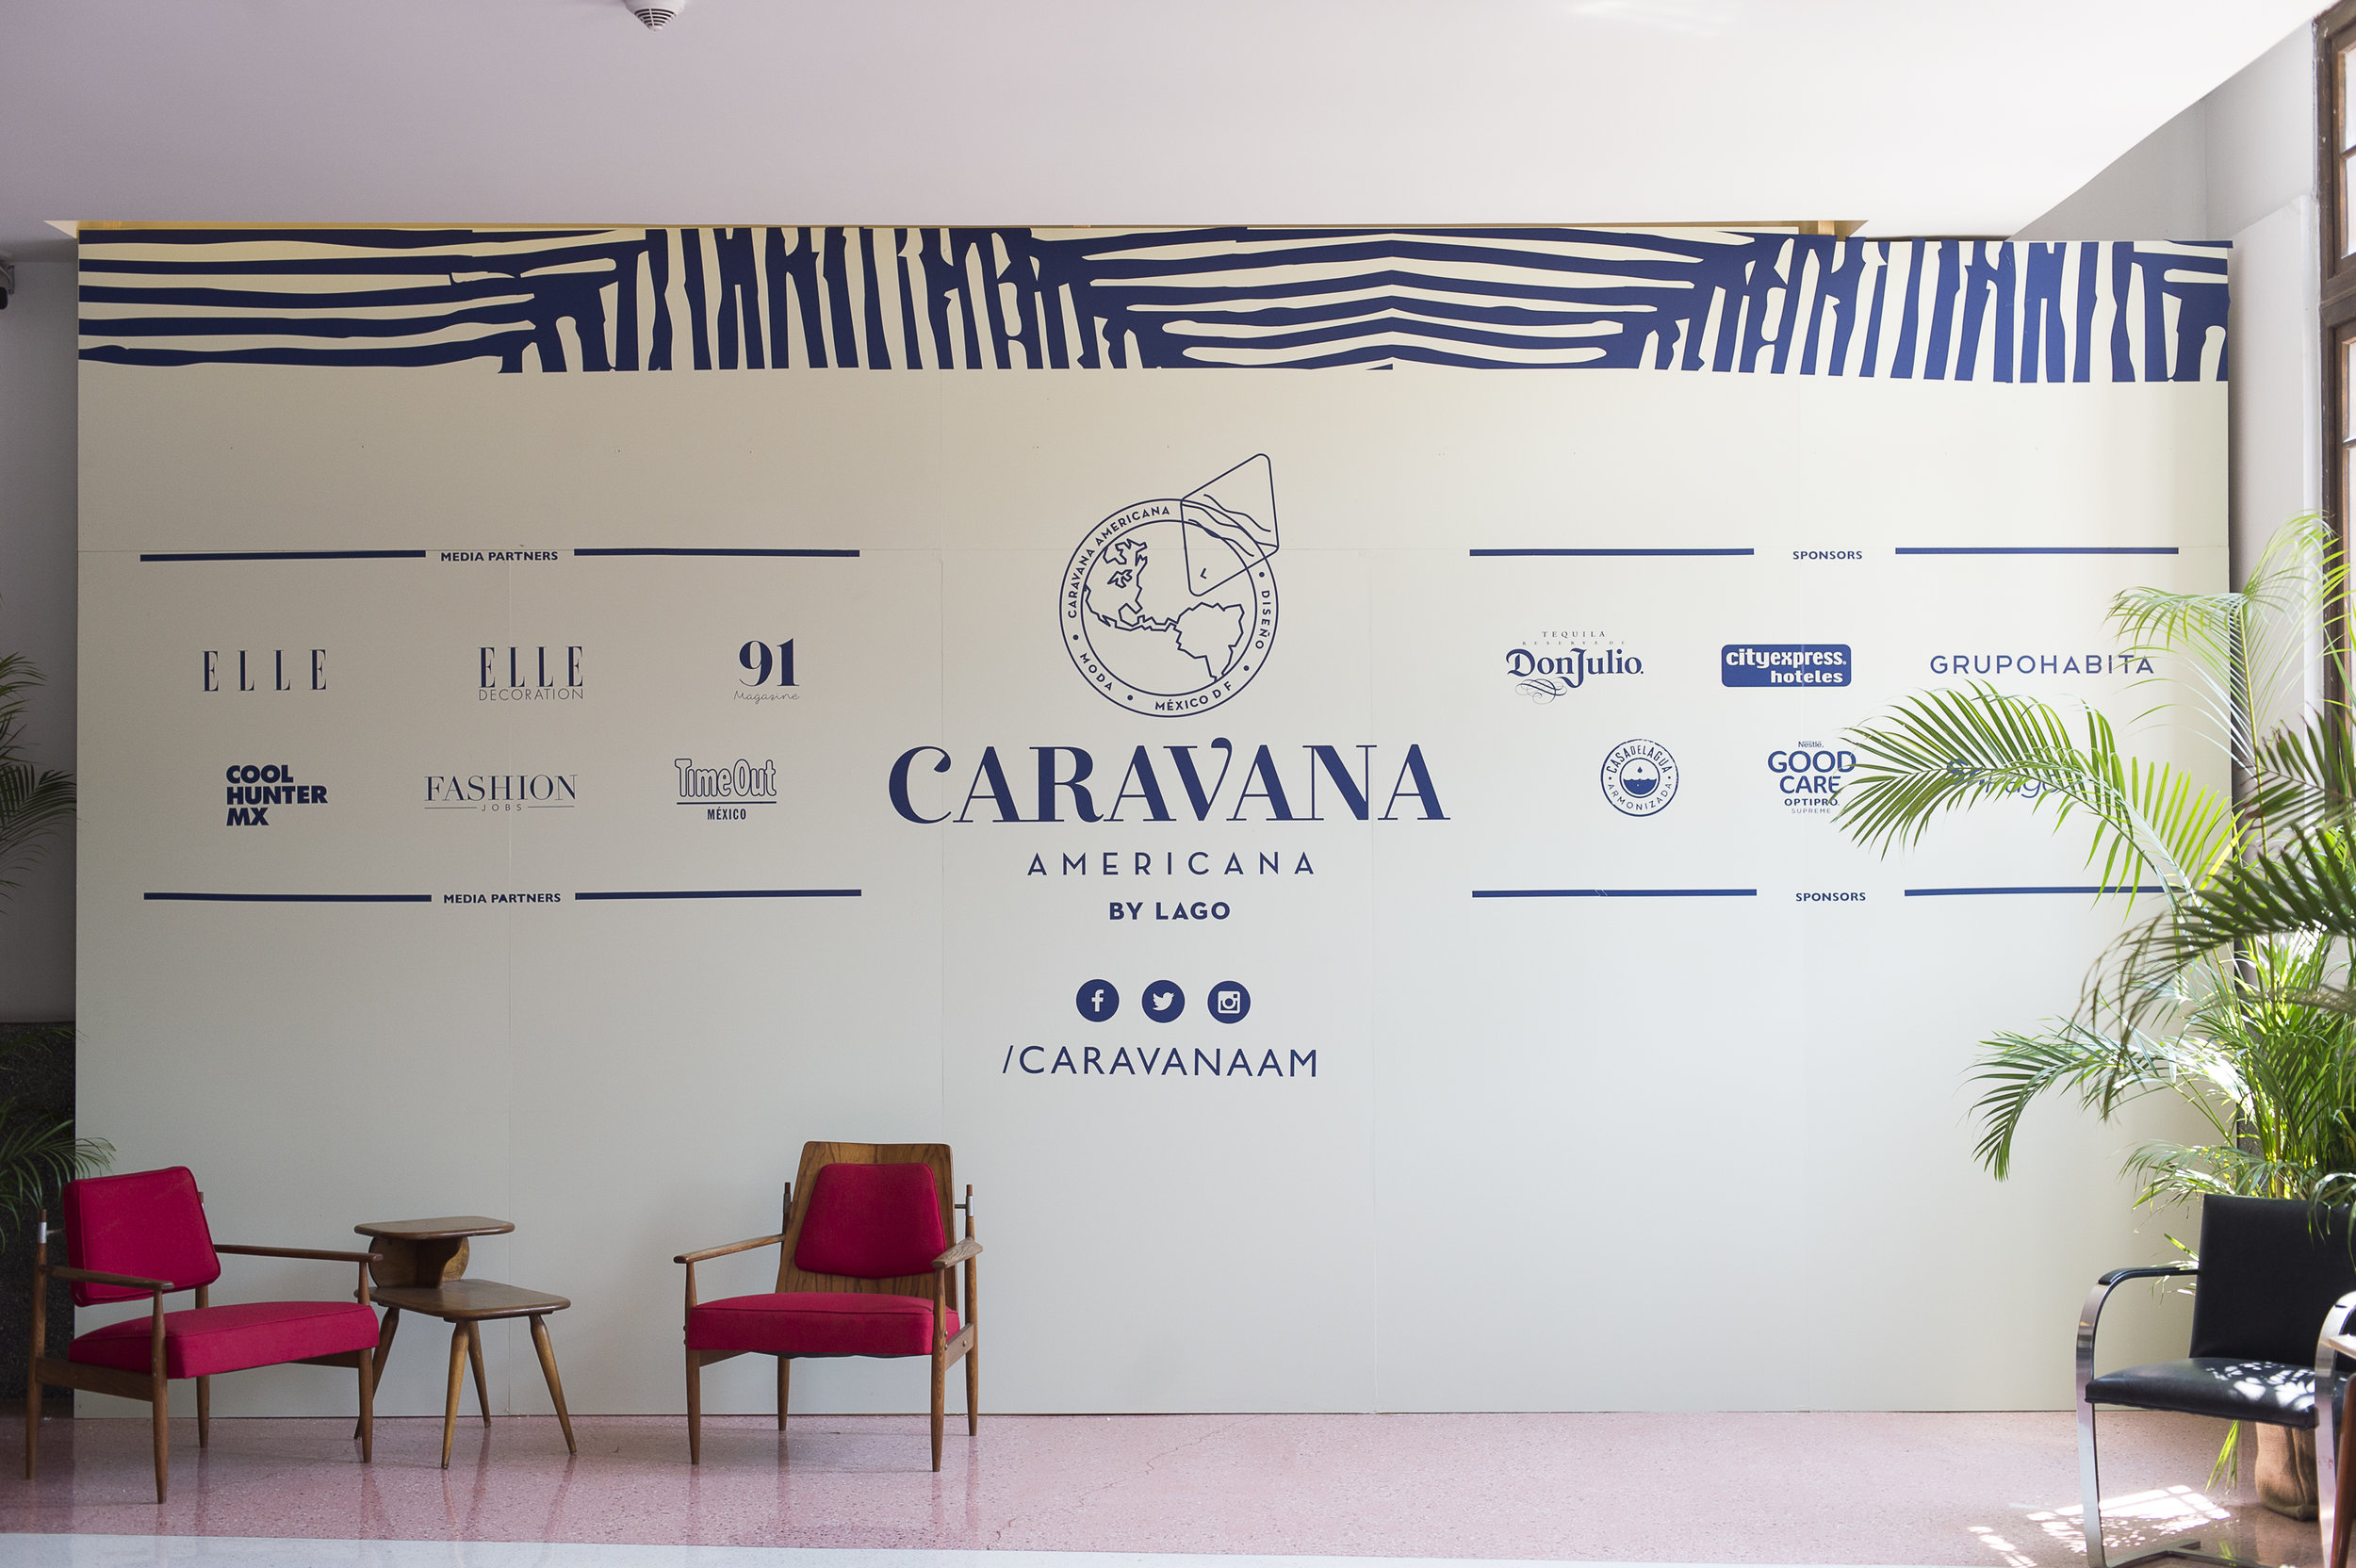 Caravana Americana Mexico City 2018